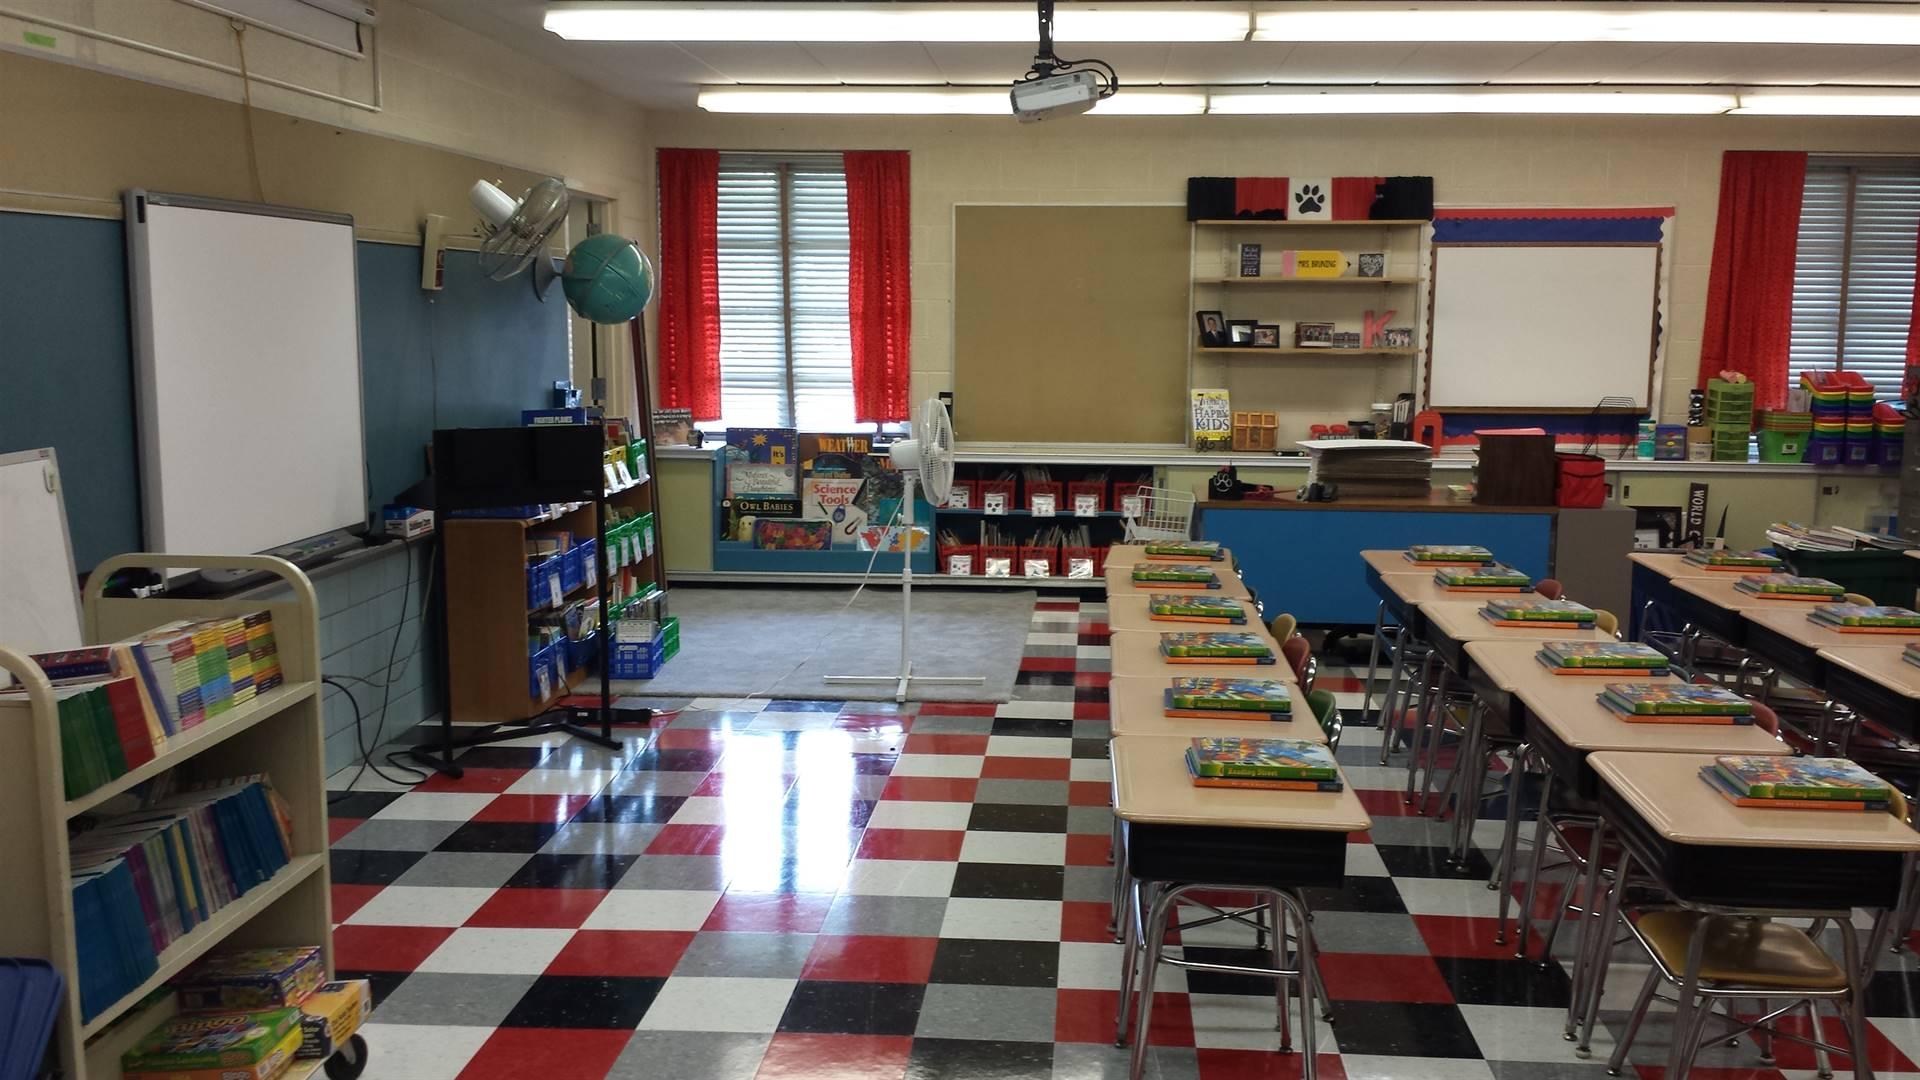 New NES classroom